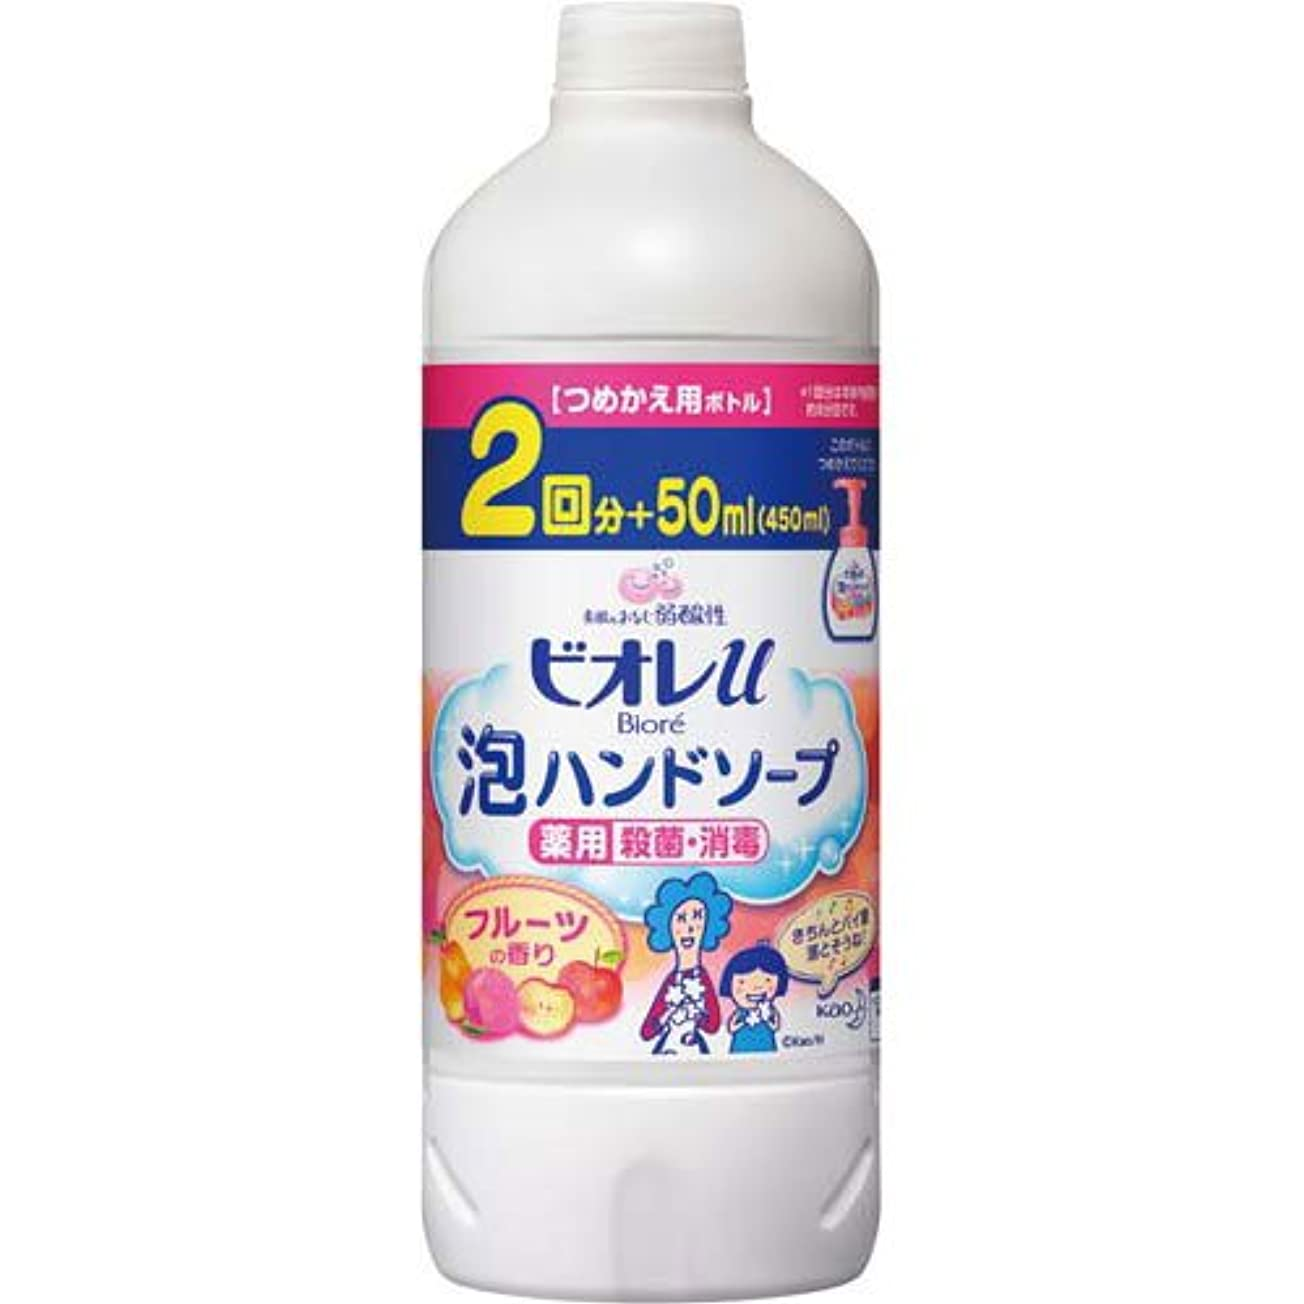 雨のマエストロポンペイ【花王】ビオレU 泡ハンドソープ フルーツの香り <詰替> 450ml ×5個セット